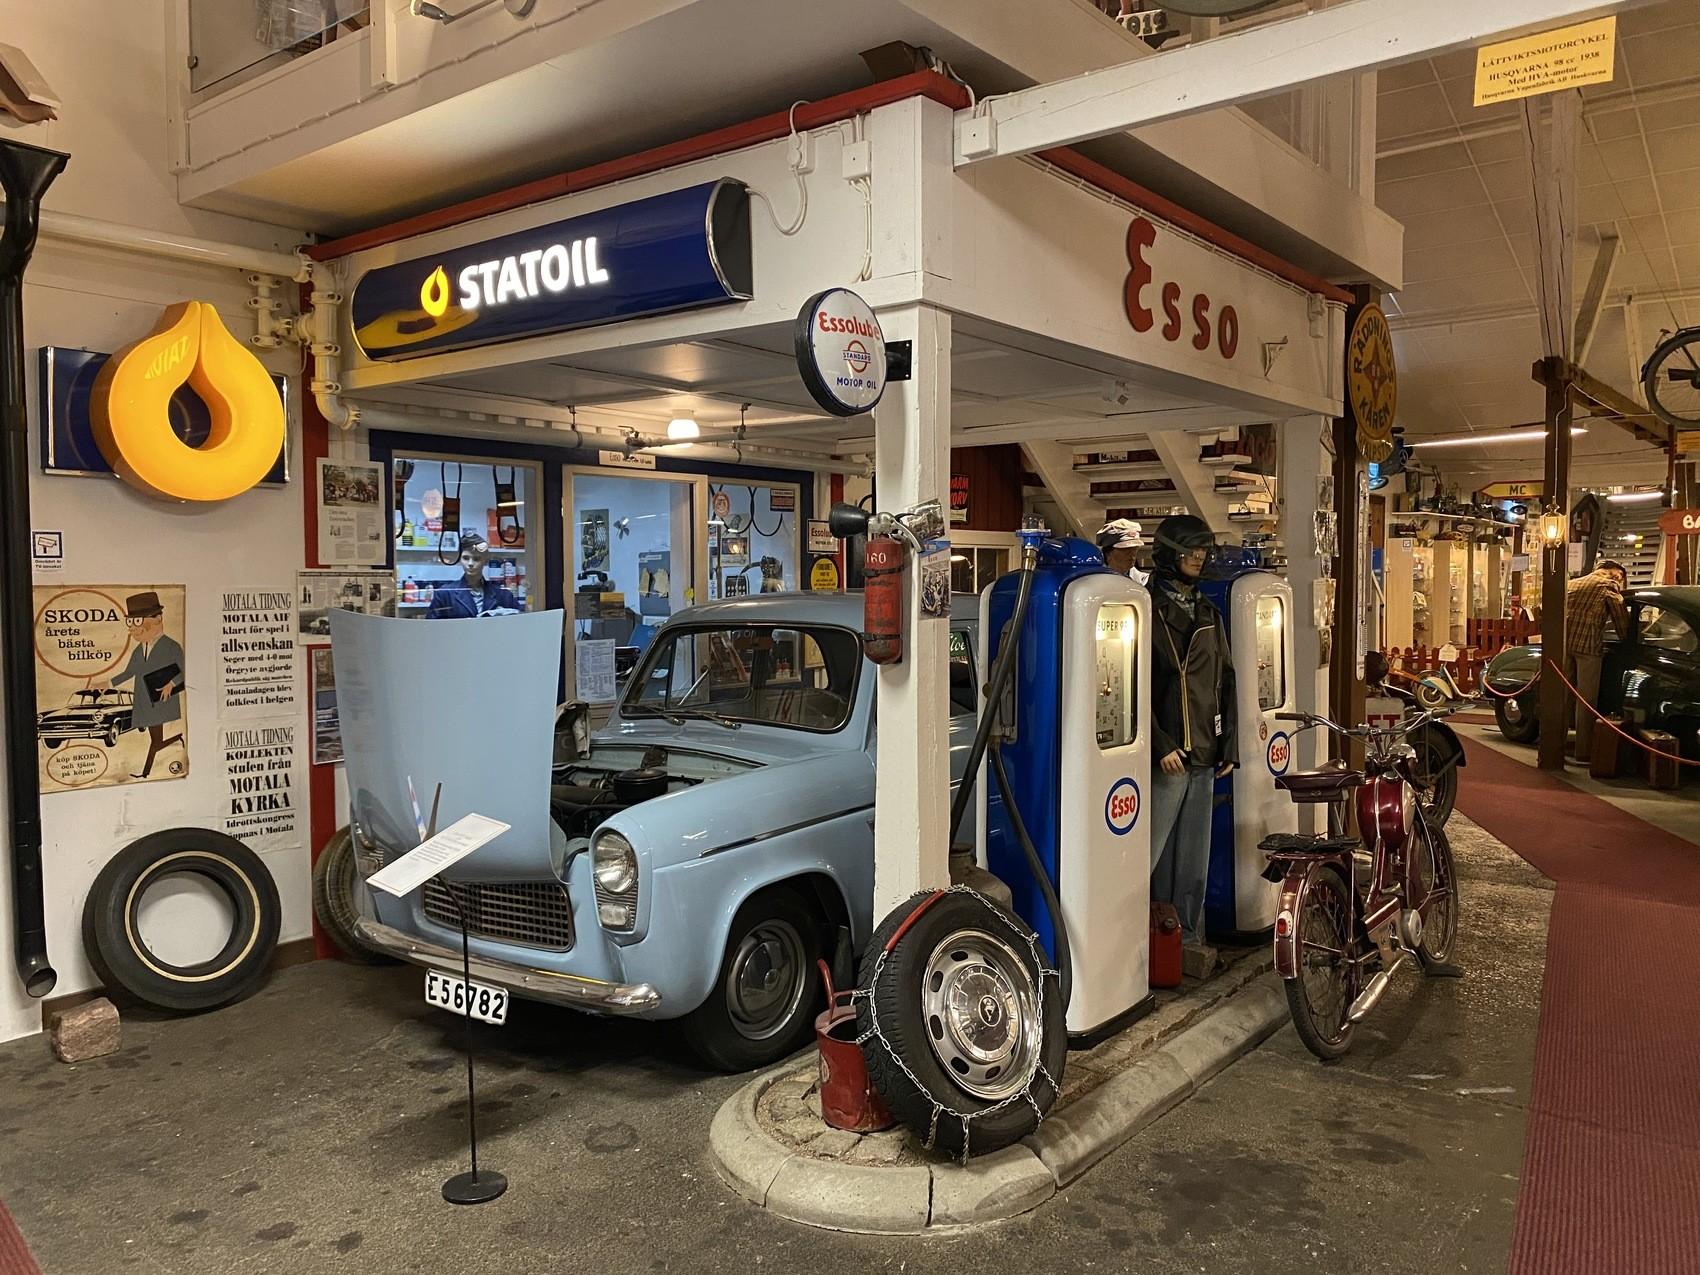 En gammal mack som det står ESSO på, i den står en gammal blå bil med motorhuven öppen. En gammal moped står lutad mot macken.